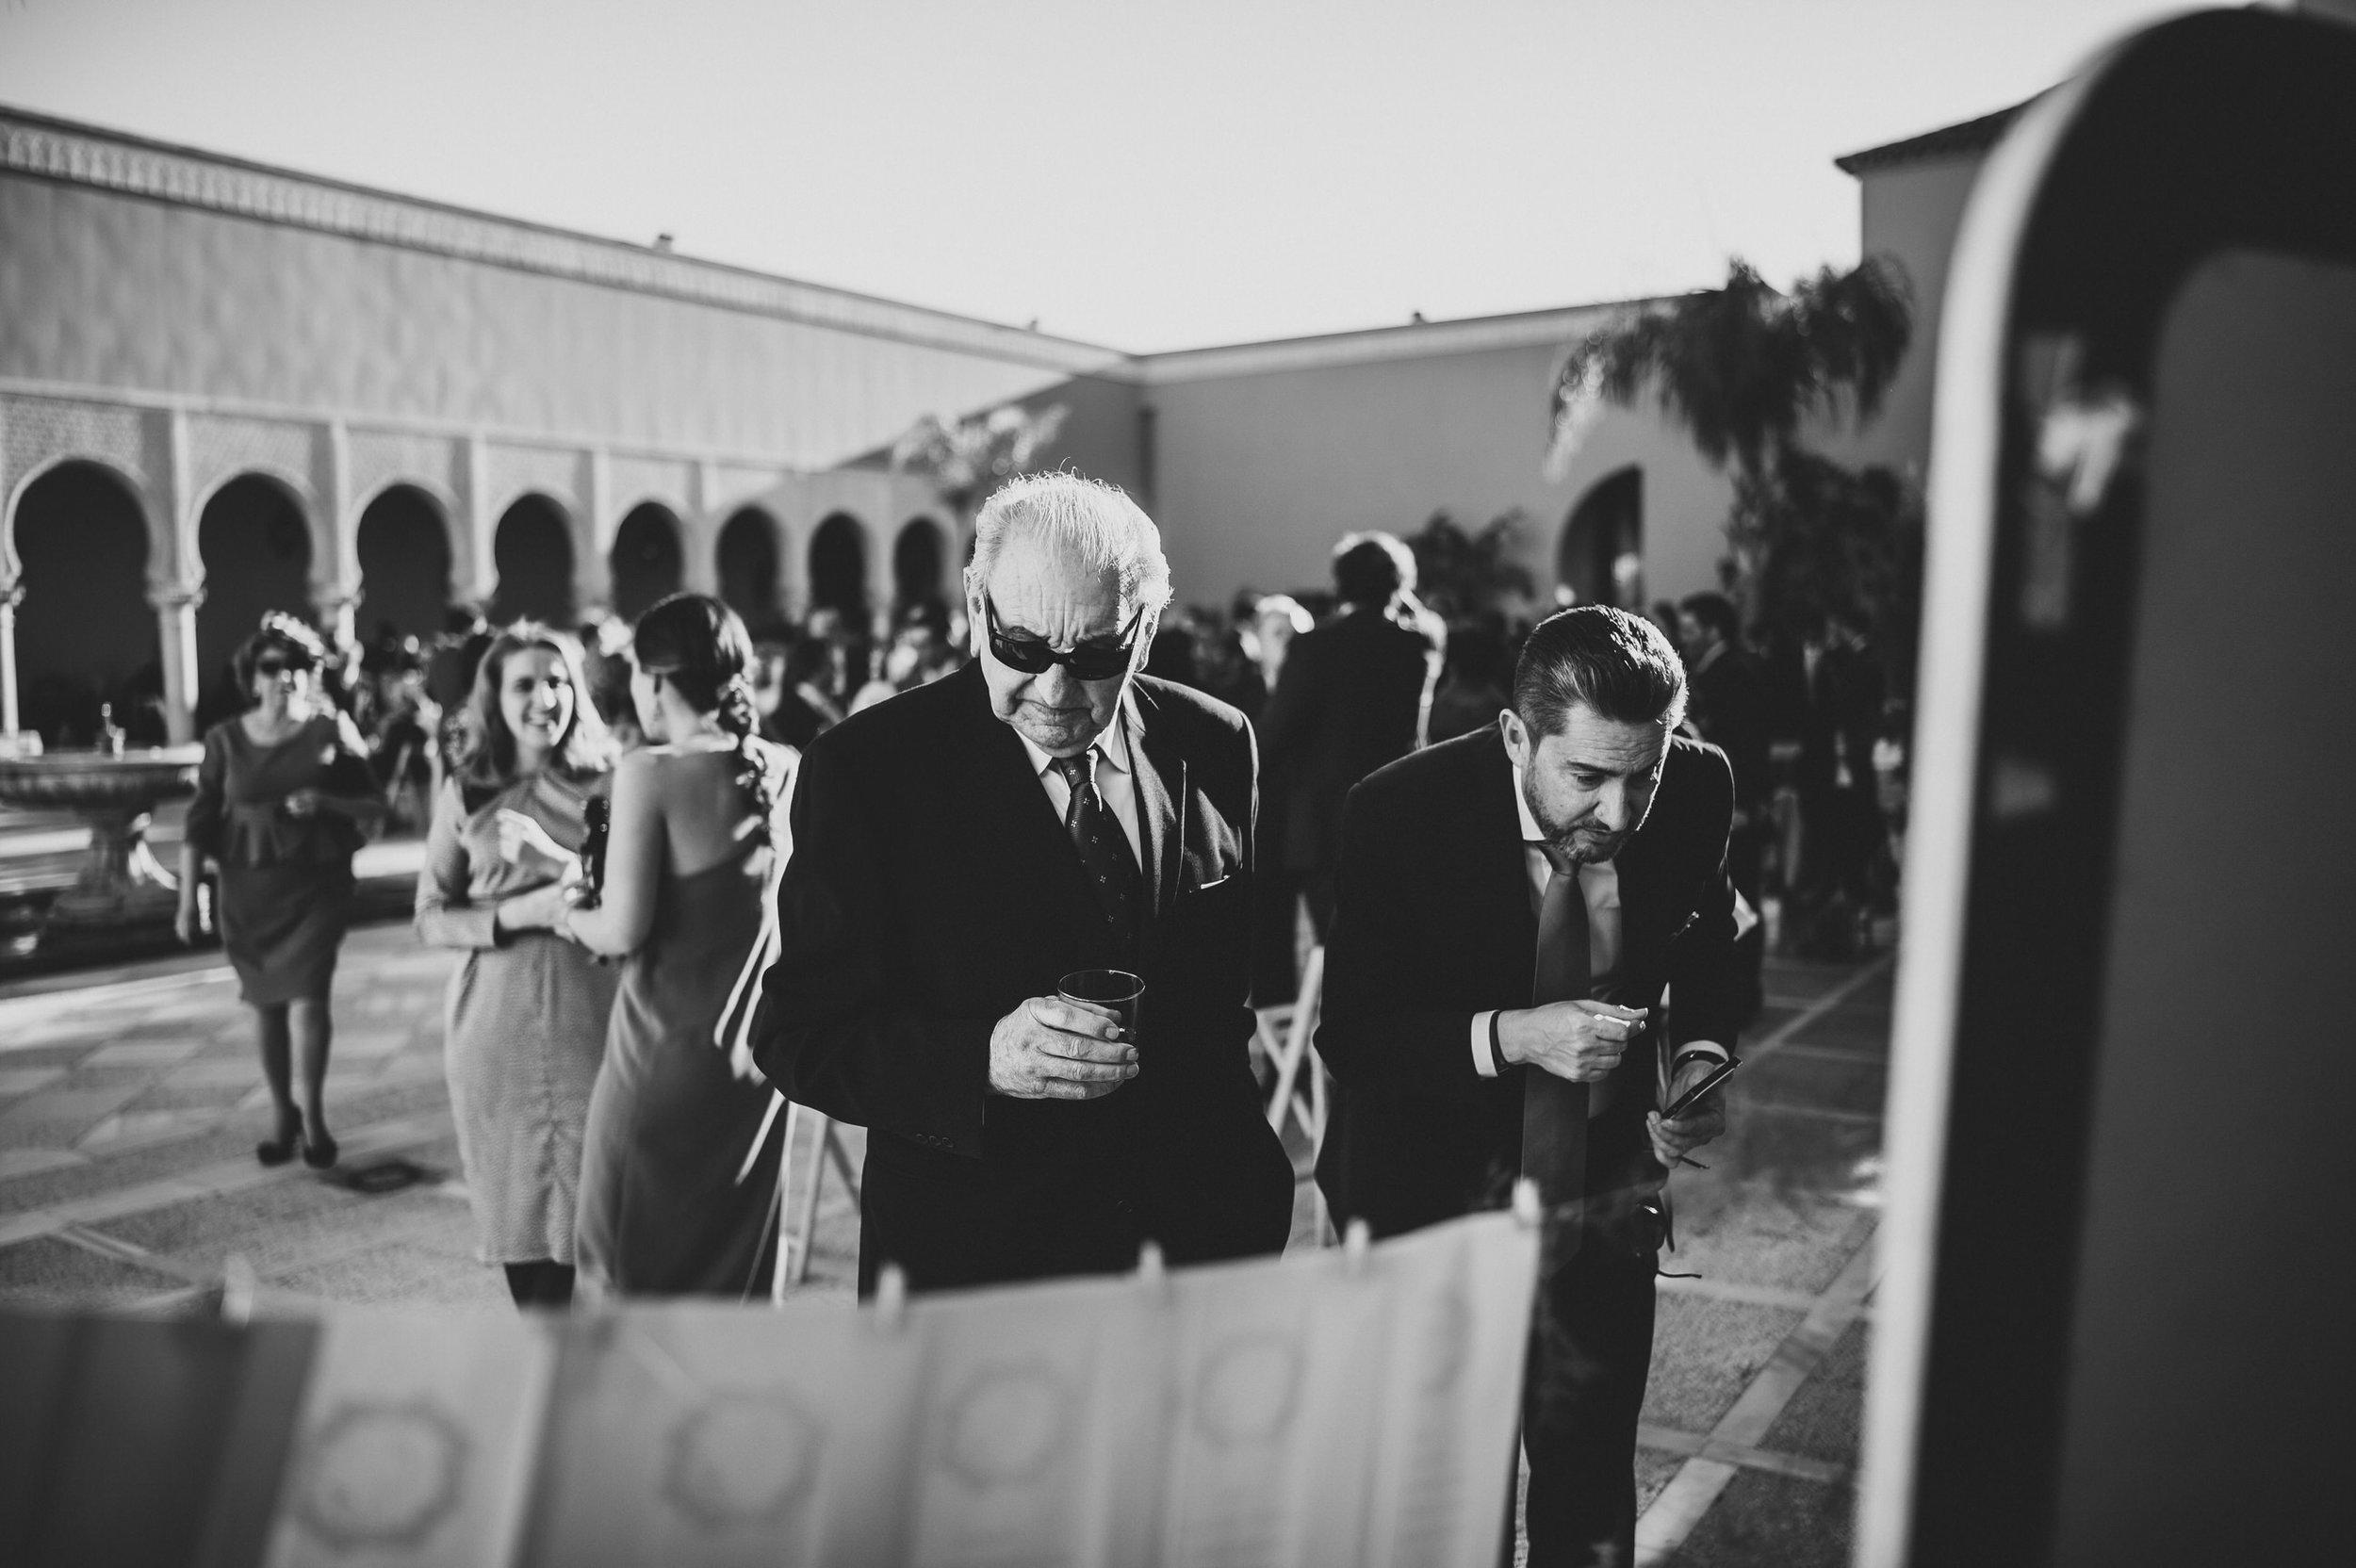 Andrés+Amarillo+fotografo+boda+Utrera+Dos+Hermanas+Santa+Maria+la+blanca+albaraca+Ivan+Campaña+los+tumbao (20).JPG